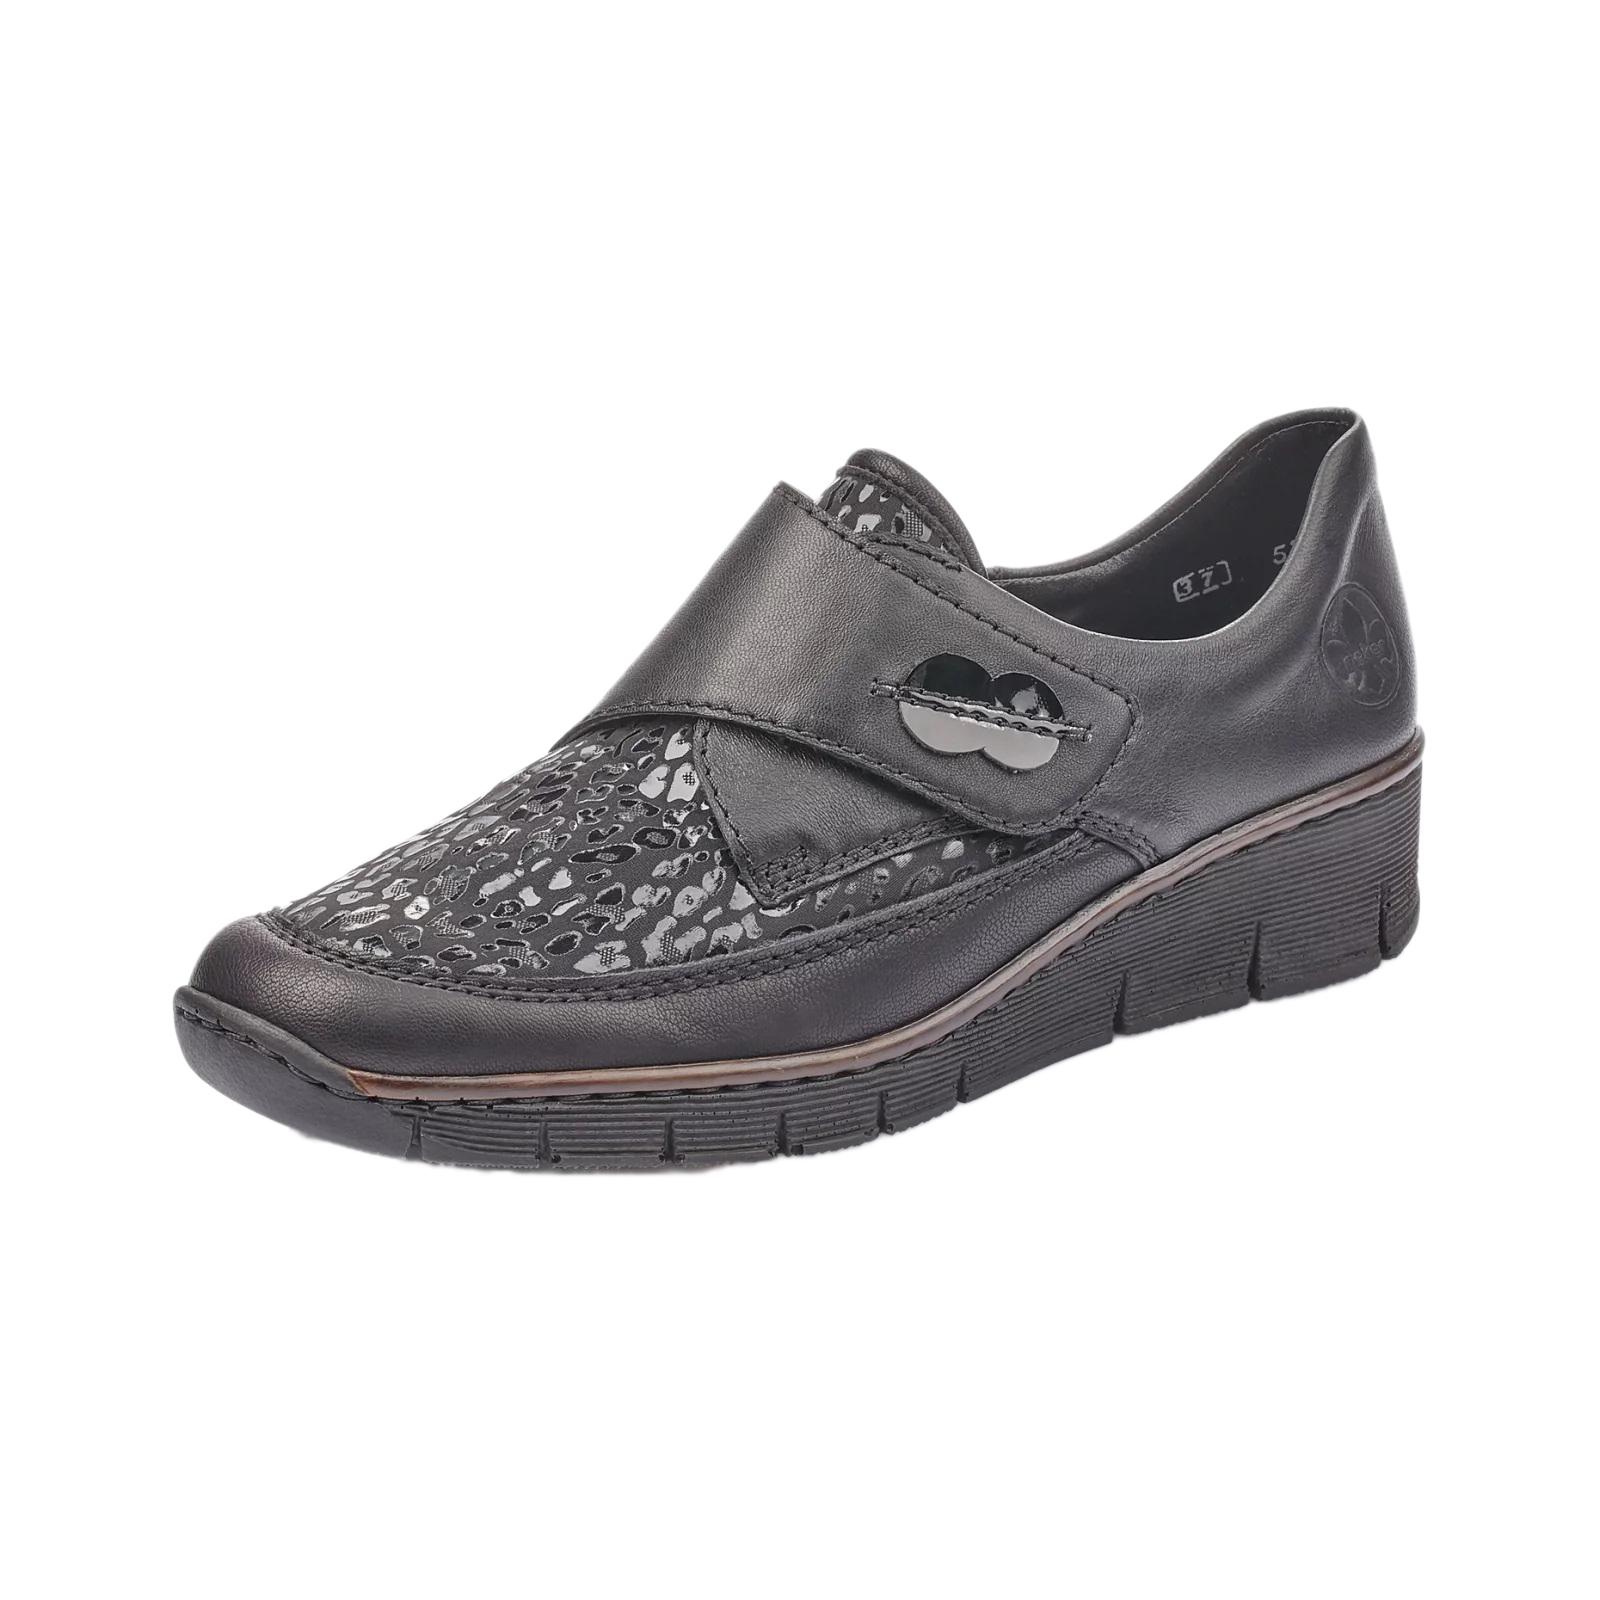 la preț mic design unic multiple culori Pantofi casual dama piele naturala Rieker 537C0-00, negru - Rieker